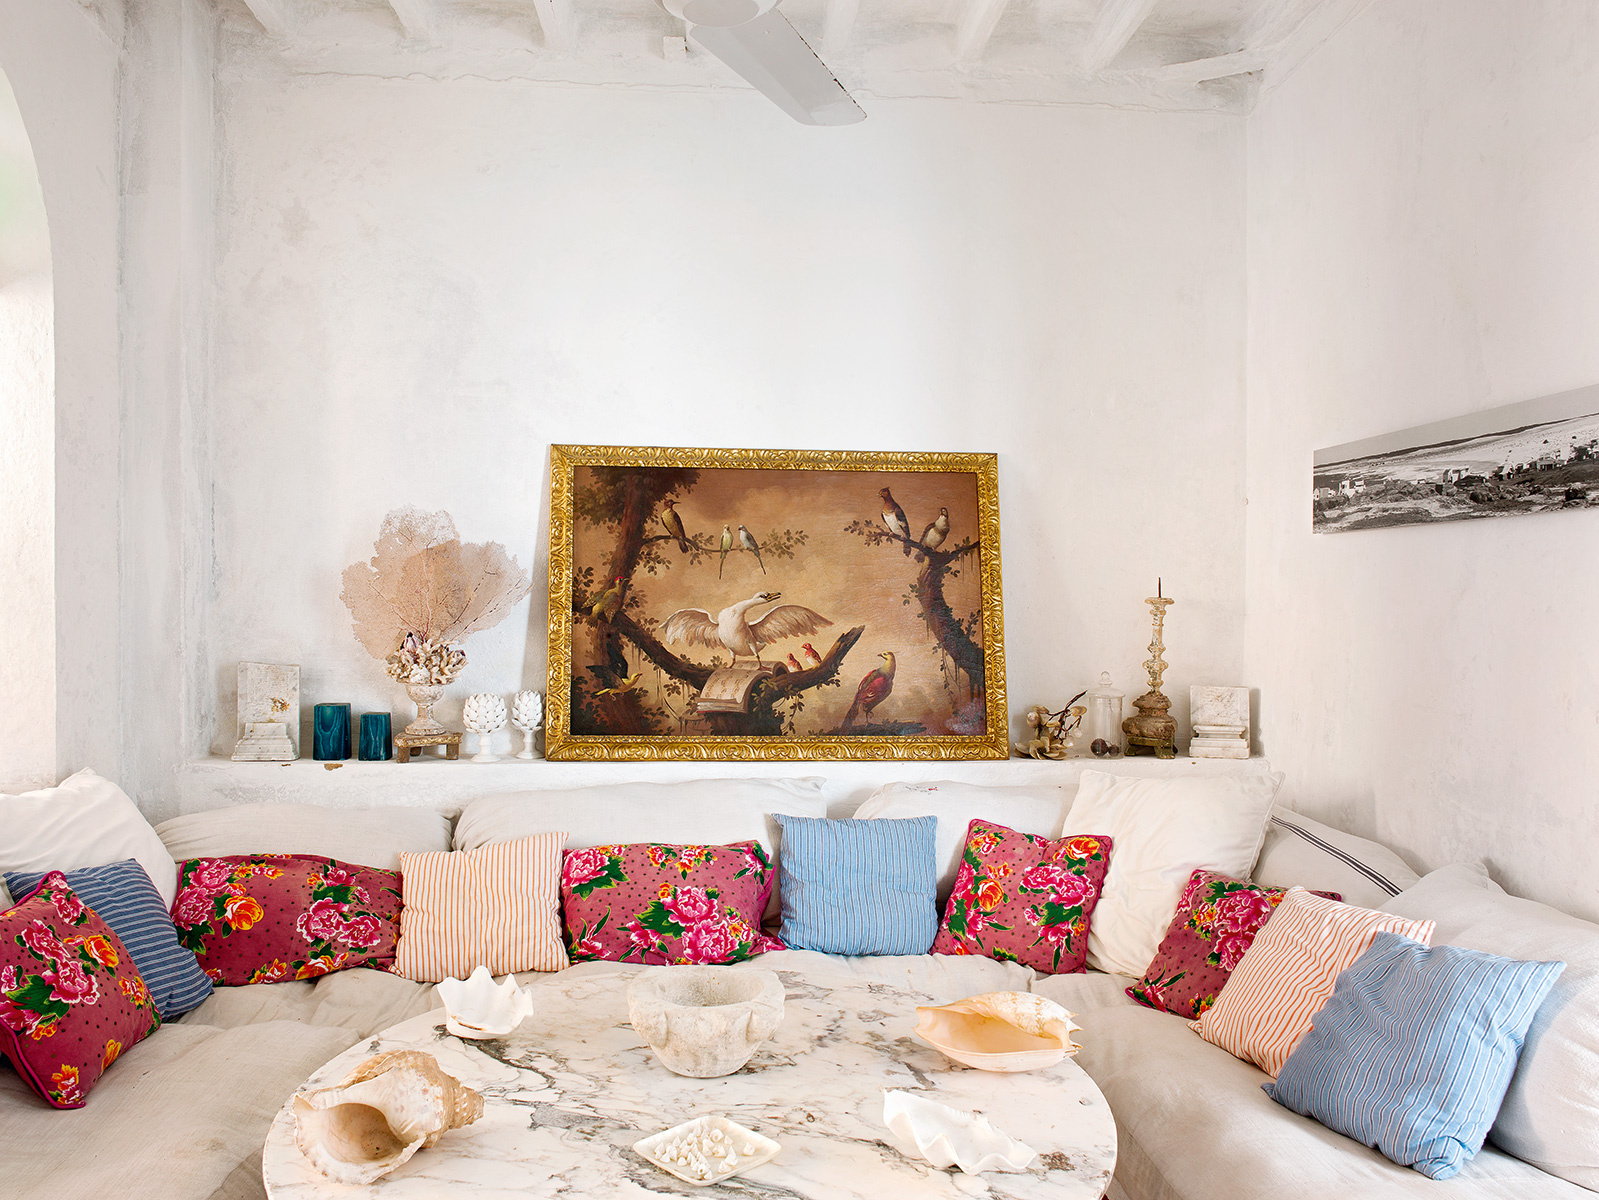 Réalisation de Maria Llado    Une maison à Menorca bohème et kitsch